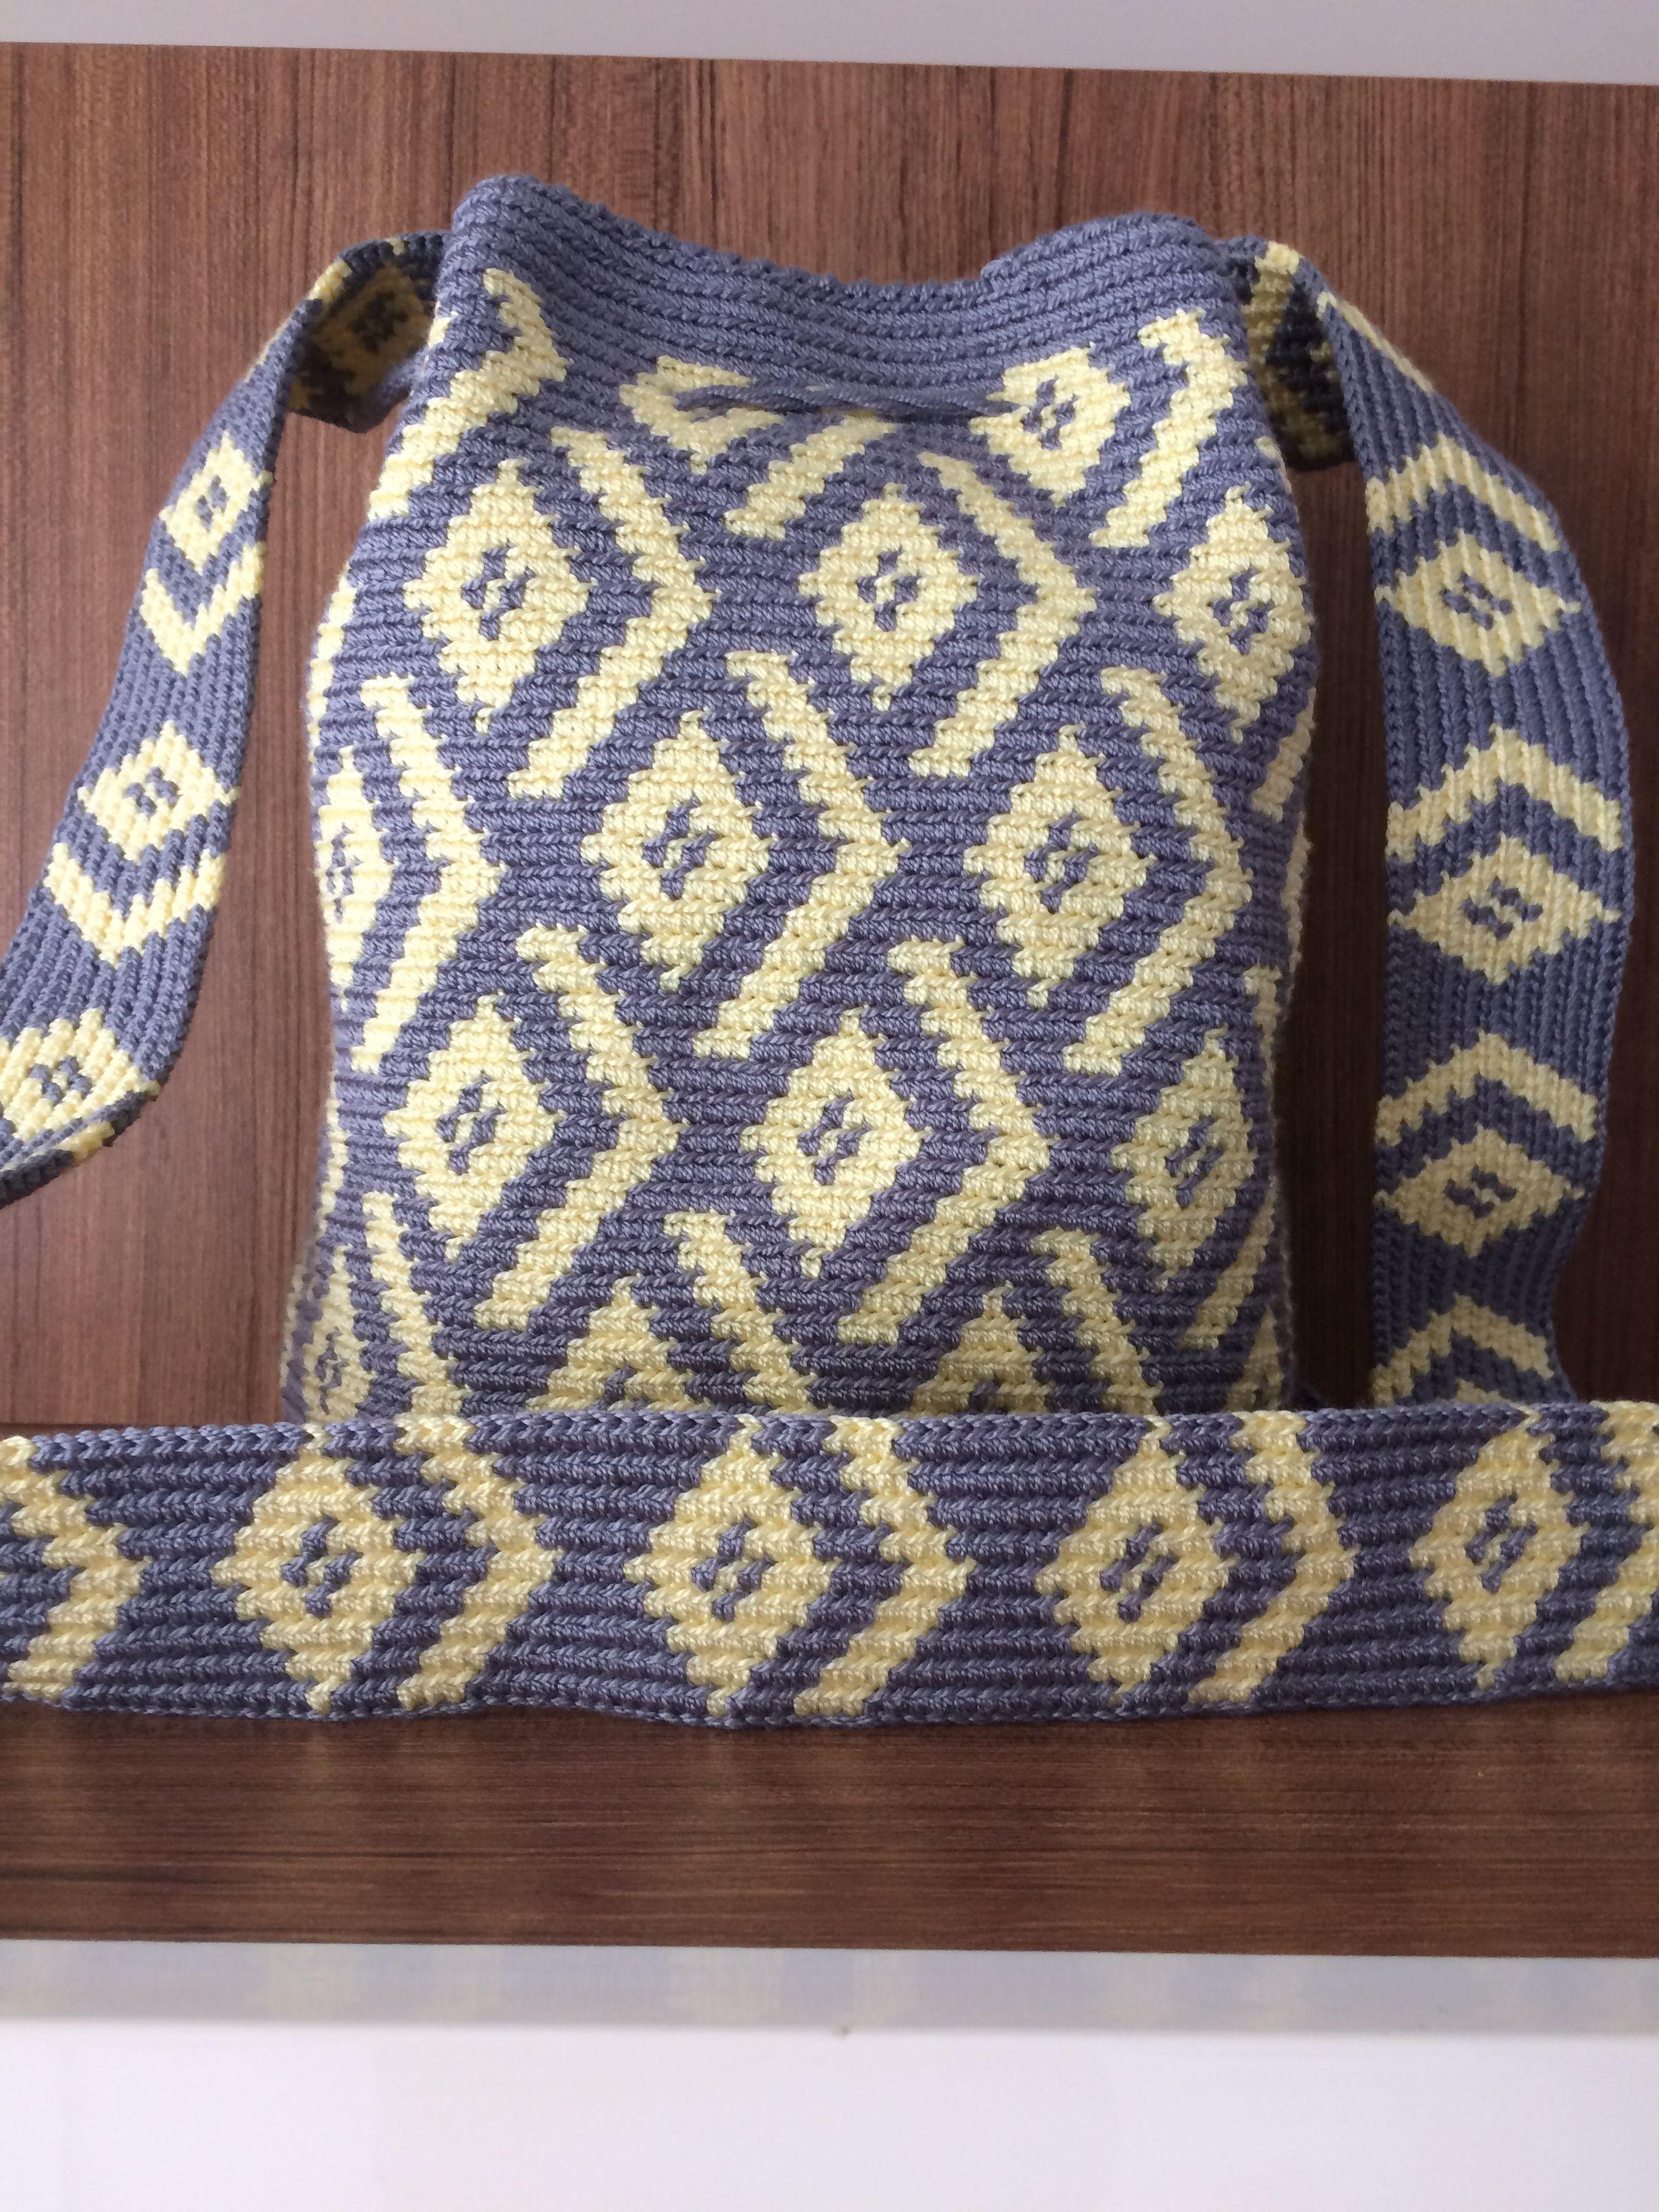 Pin von Margarita Corchado auf Tapestry crochet | Pinterest | Tasche ...